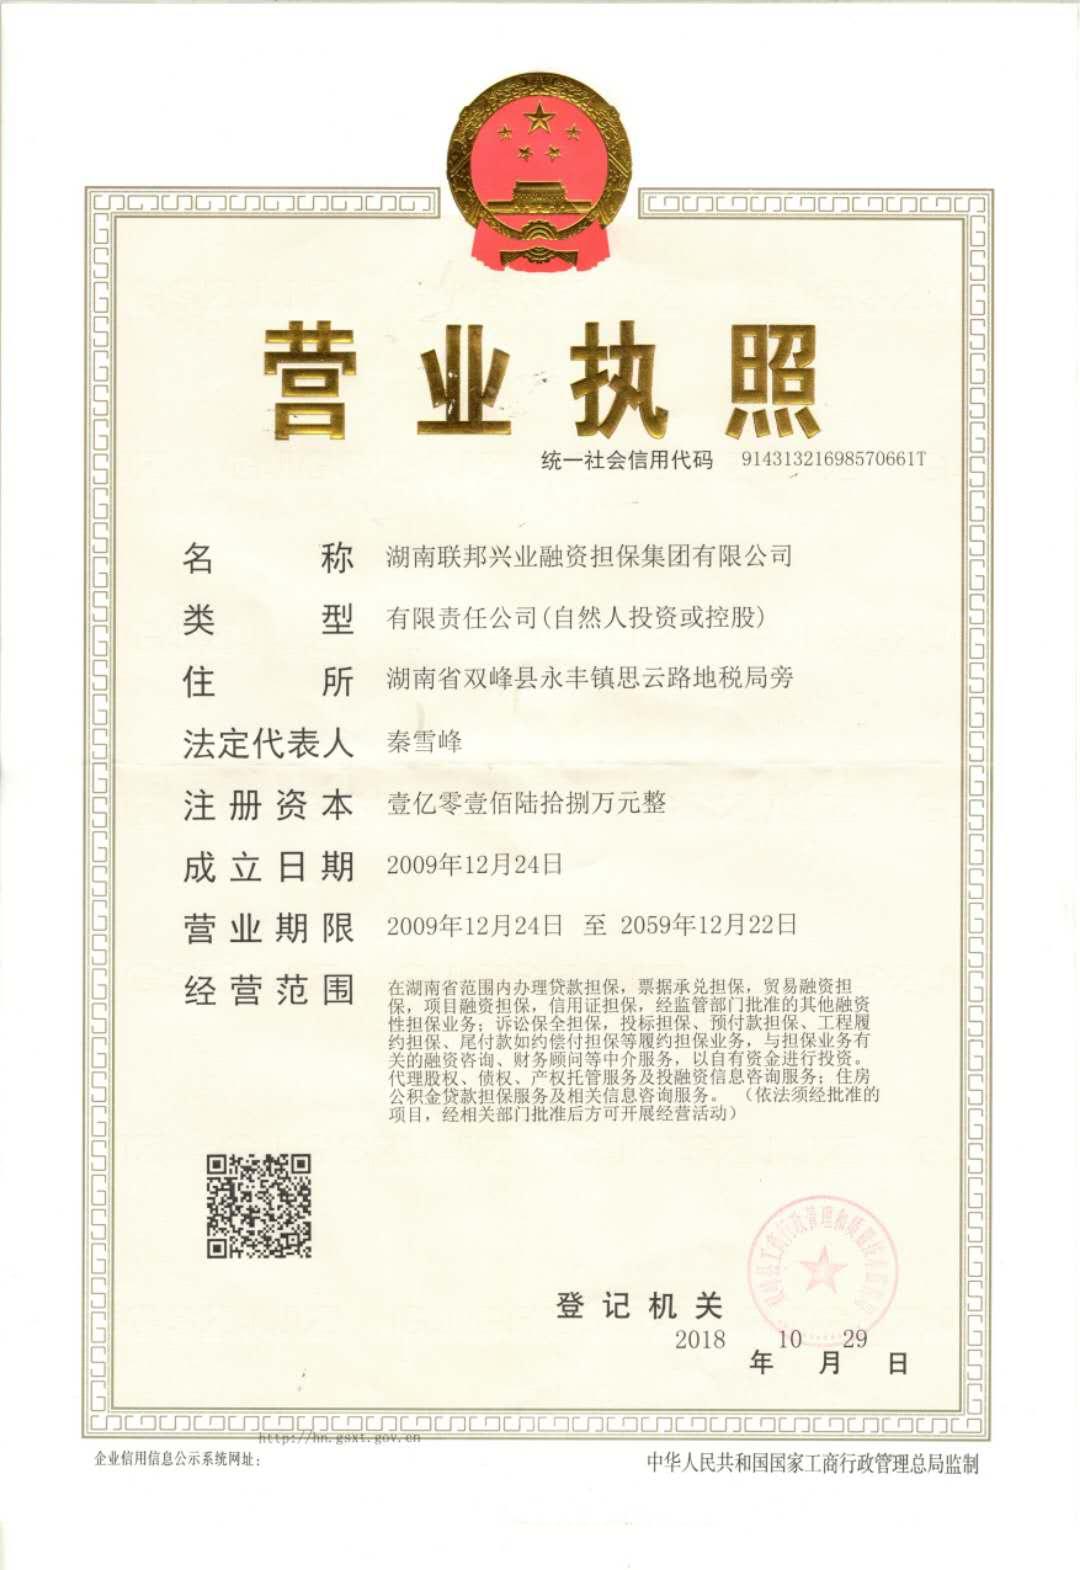 湖南联邦兴业融资担保集团有限公司